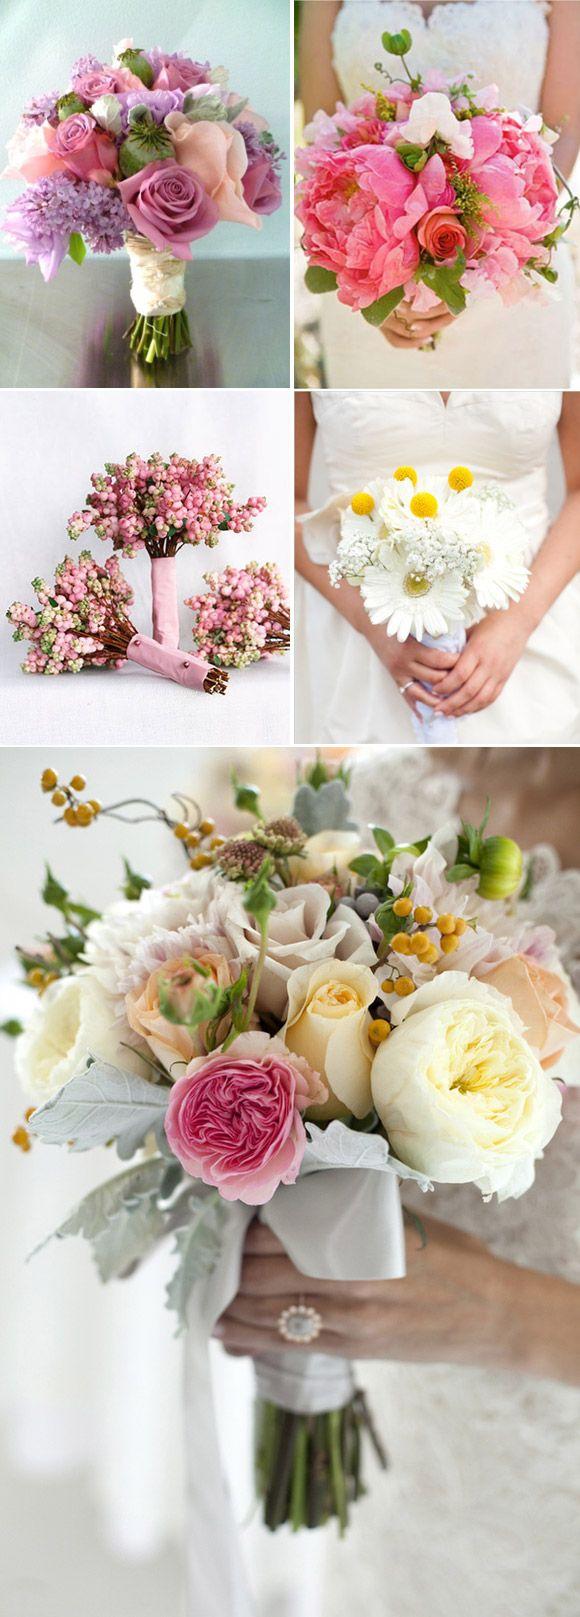 Ramos de novia en colores primaverales. Spring wedding bouquets